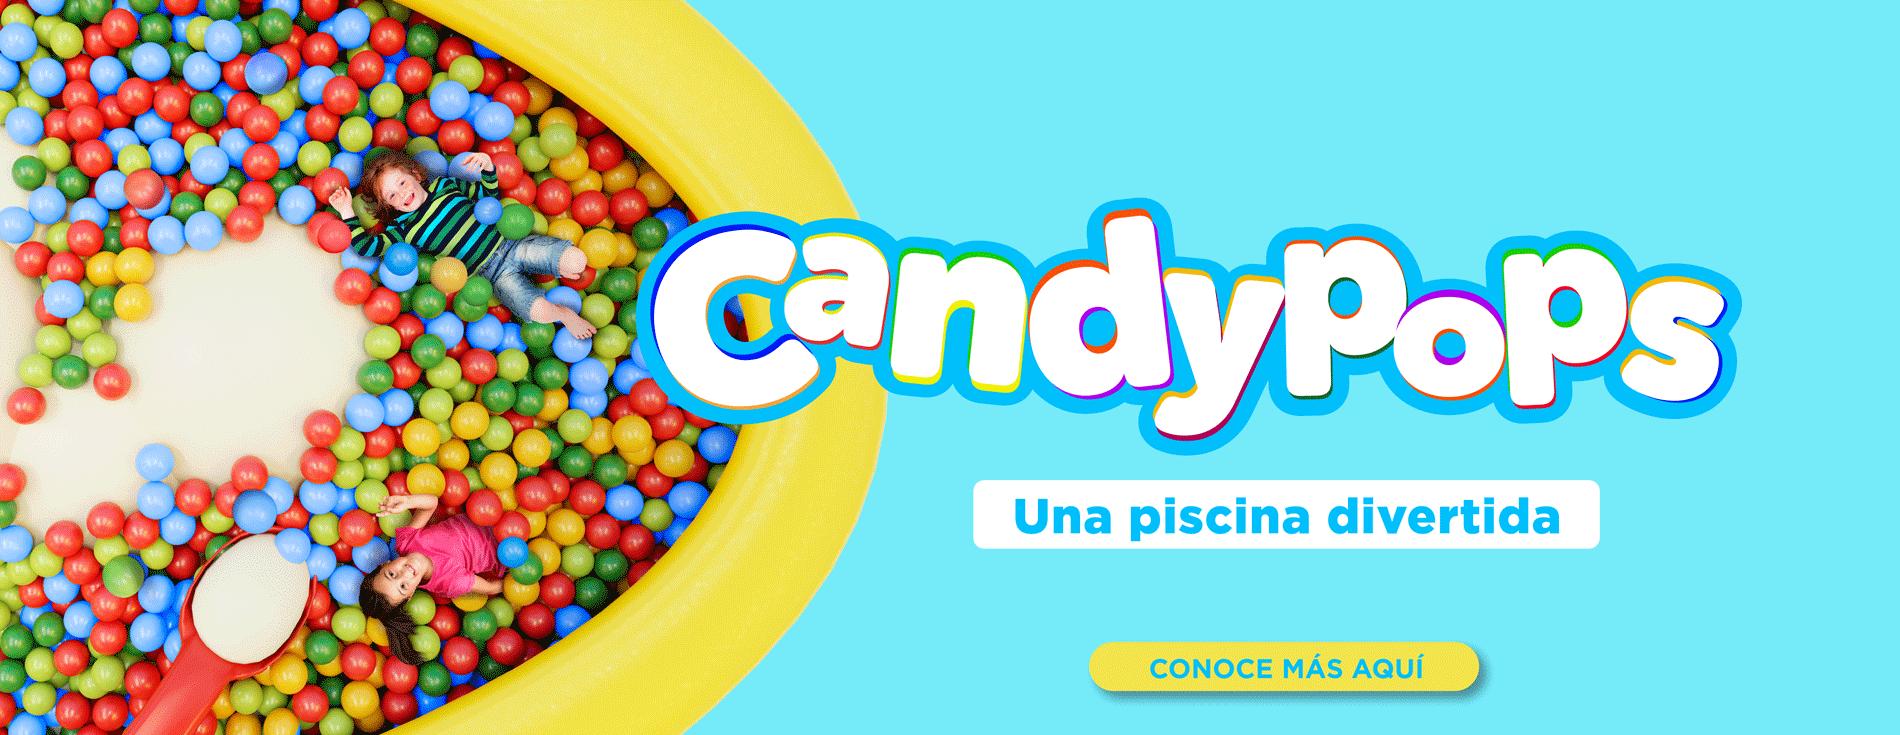 CandyPops una piscina divertida - La ceja